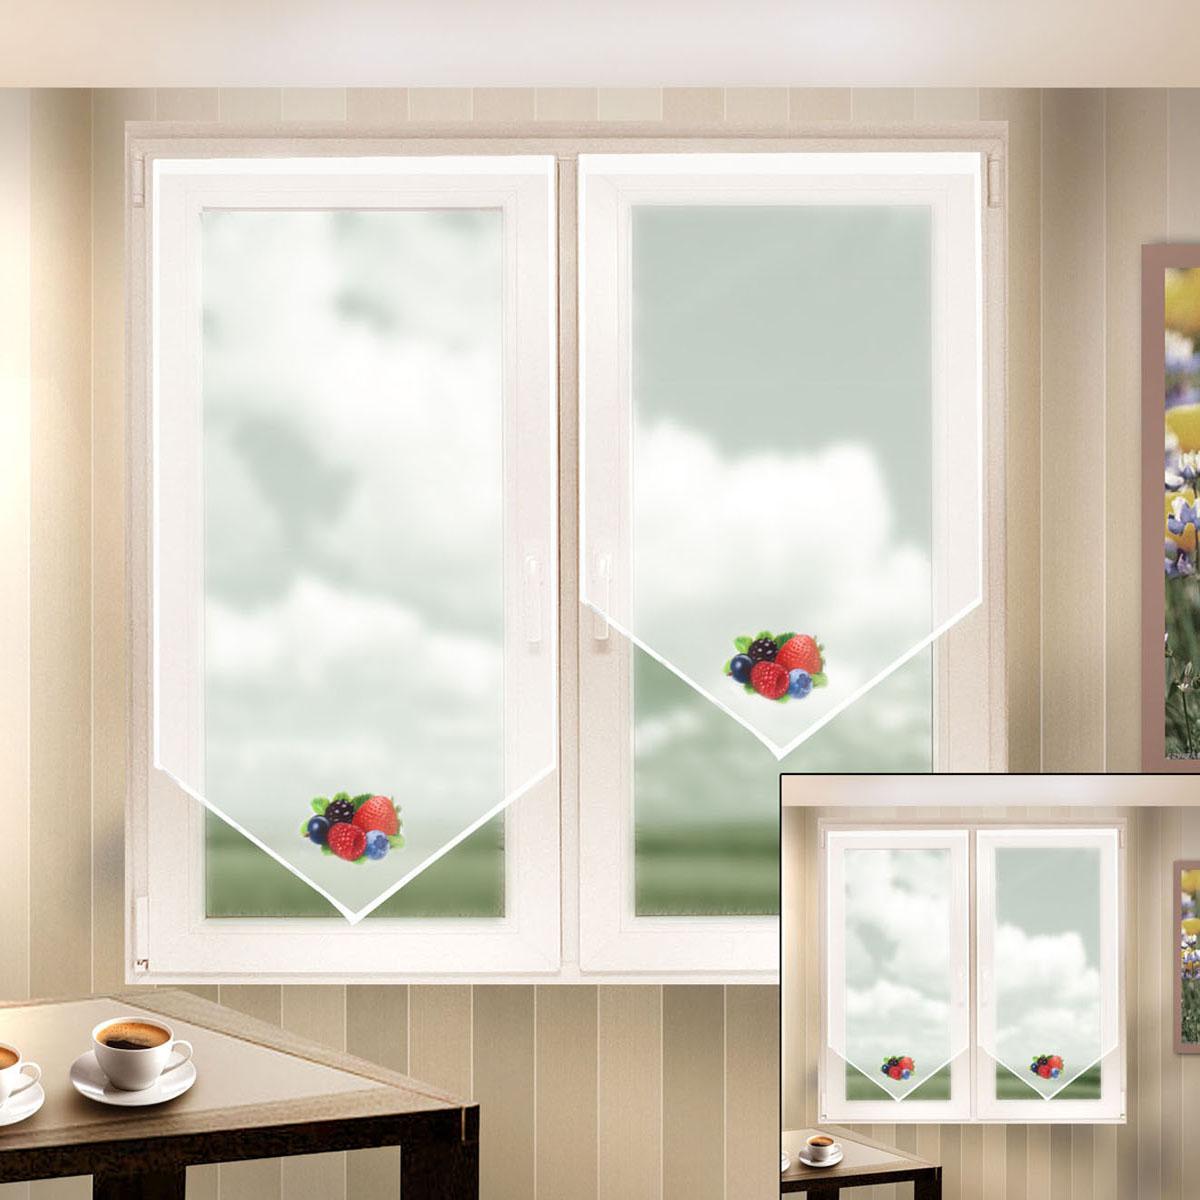 Гардина Zlata Korunka, на липкой ленте, цвет: белый, высота 140 см. 666053666053Гардина на липкой ленте Zlata Korunka, изготовленная из легкого полиэстера, станет великолепным украшением любого окна. Полотно из белой вуали с печатным рисунком привлечет к себе внимание и органично впишется в интерьер комнаты. Крепление на липкой ленте, не требующее сверления стен и карниза. Многоразовое и мгновенное крепление.